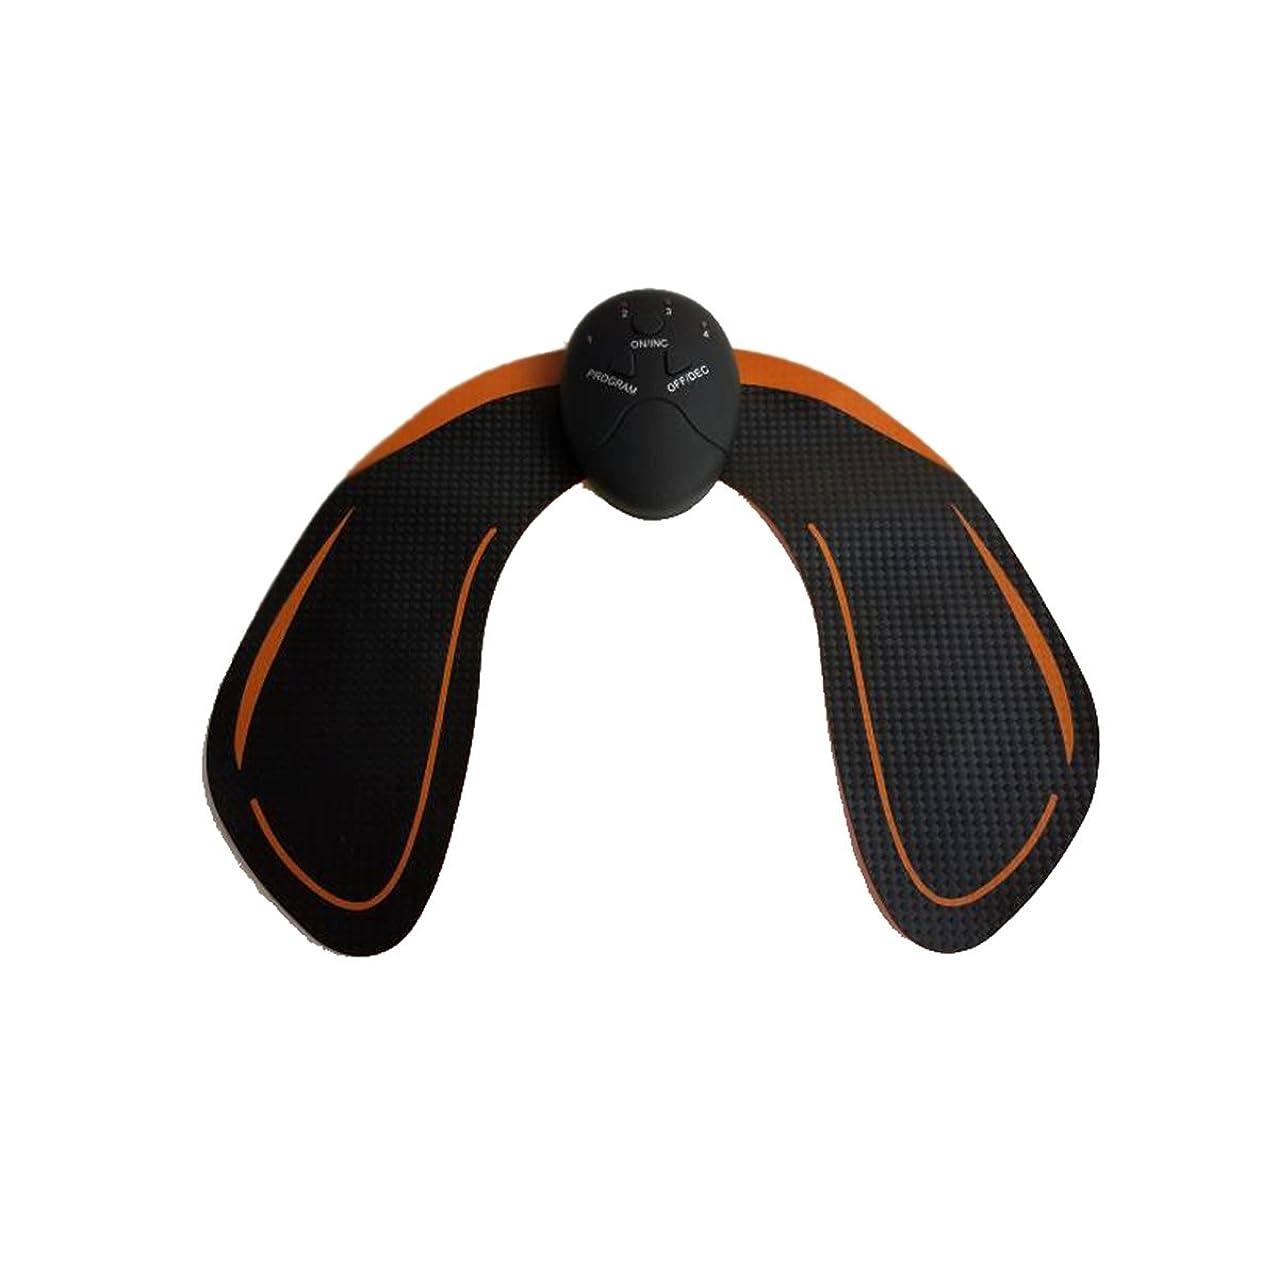 示す例外勃起SUPVOX 電池式ボディ美容機器を持ち上げるお尻のヒップトレーナー(ブラック)